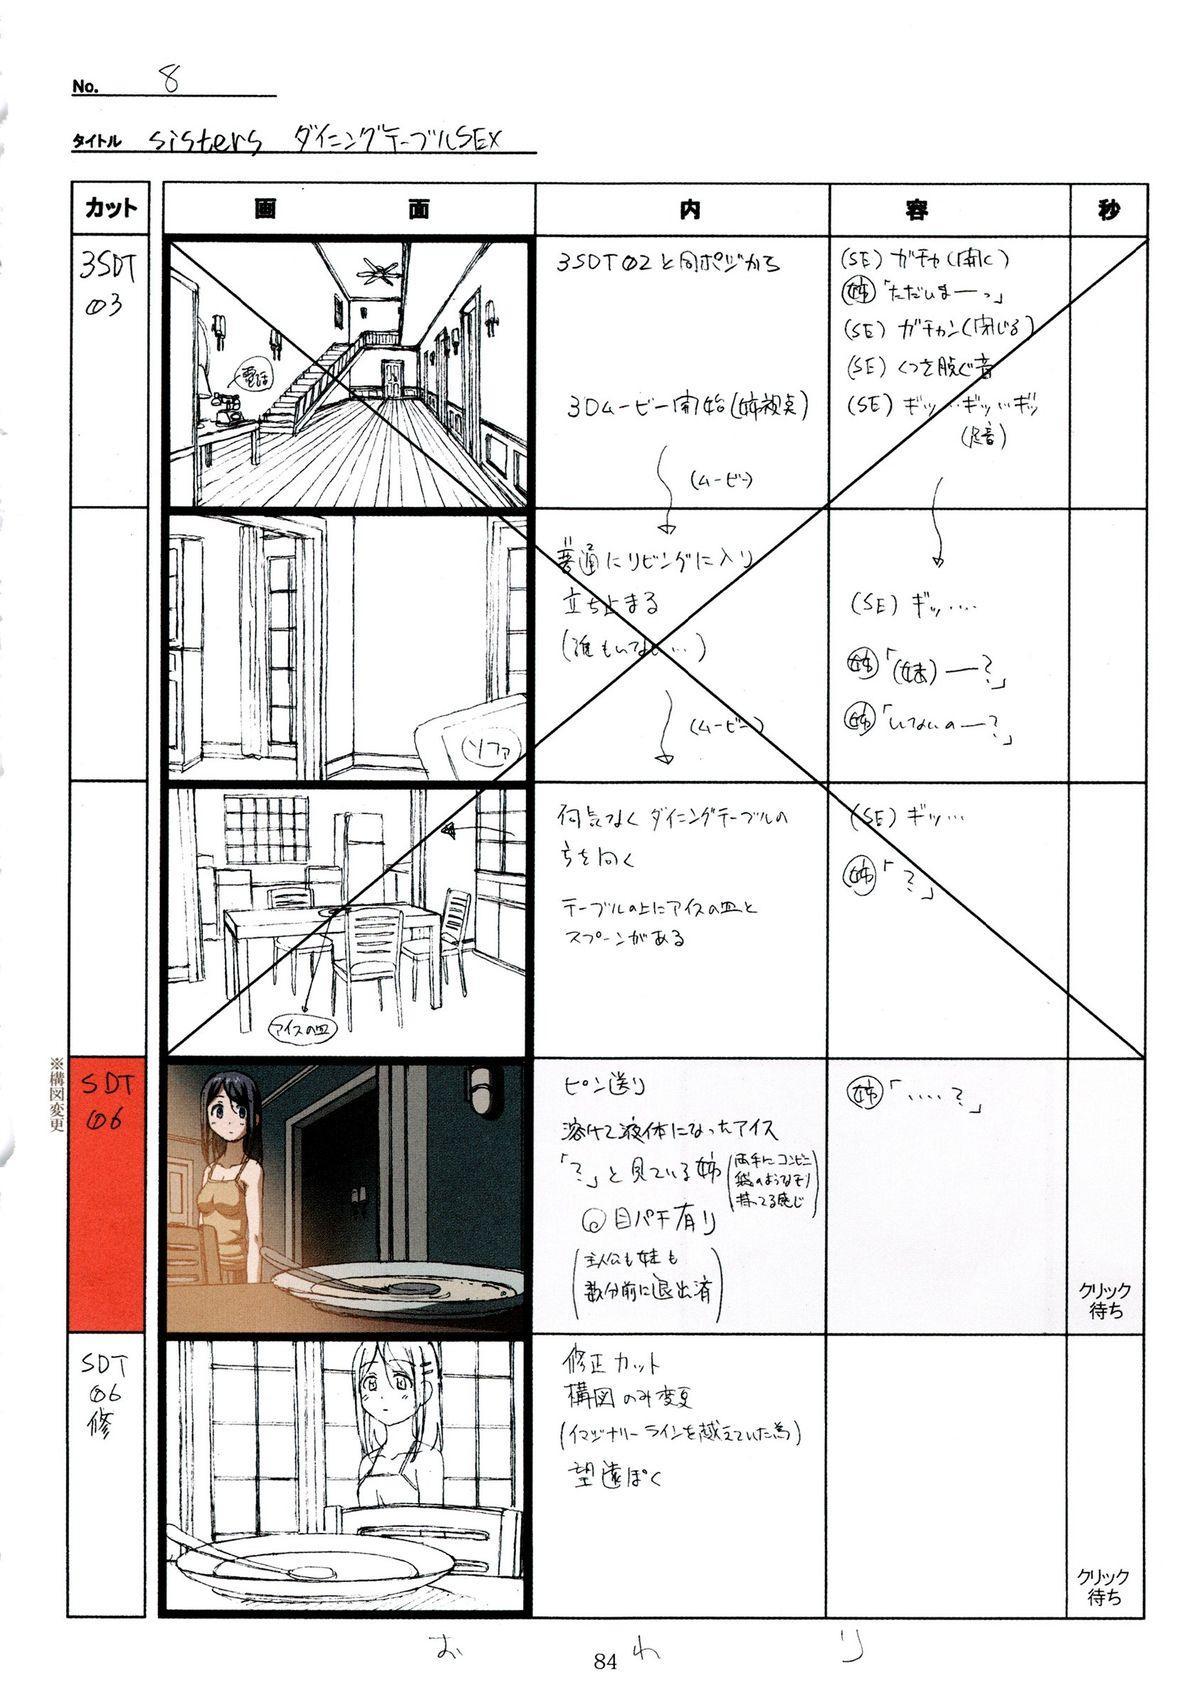 (C89) [Makino Jimusho (Taki Minashika)] SISTERS -Natsu no Saigo no Hi- H Scene All Part Storyboard (SISTERS -Natsu no Saigo no Hi-) 83